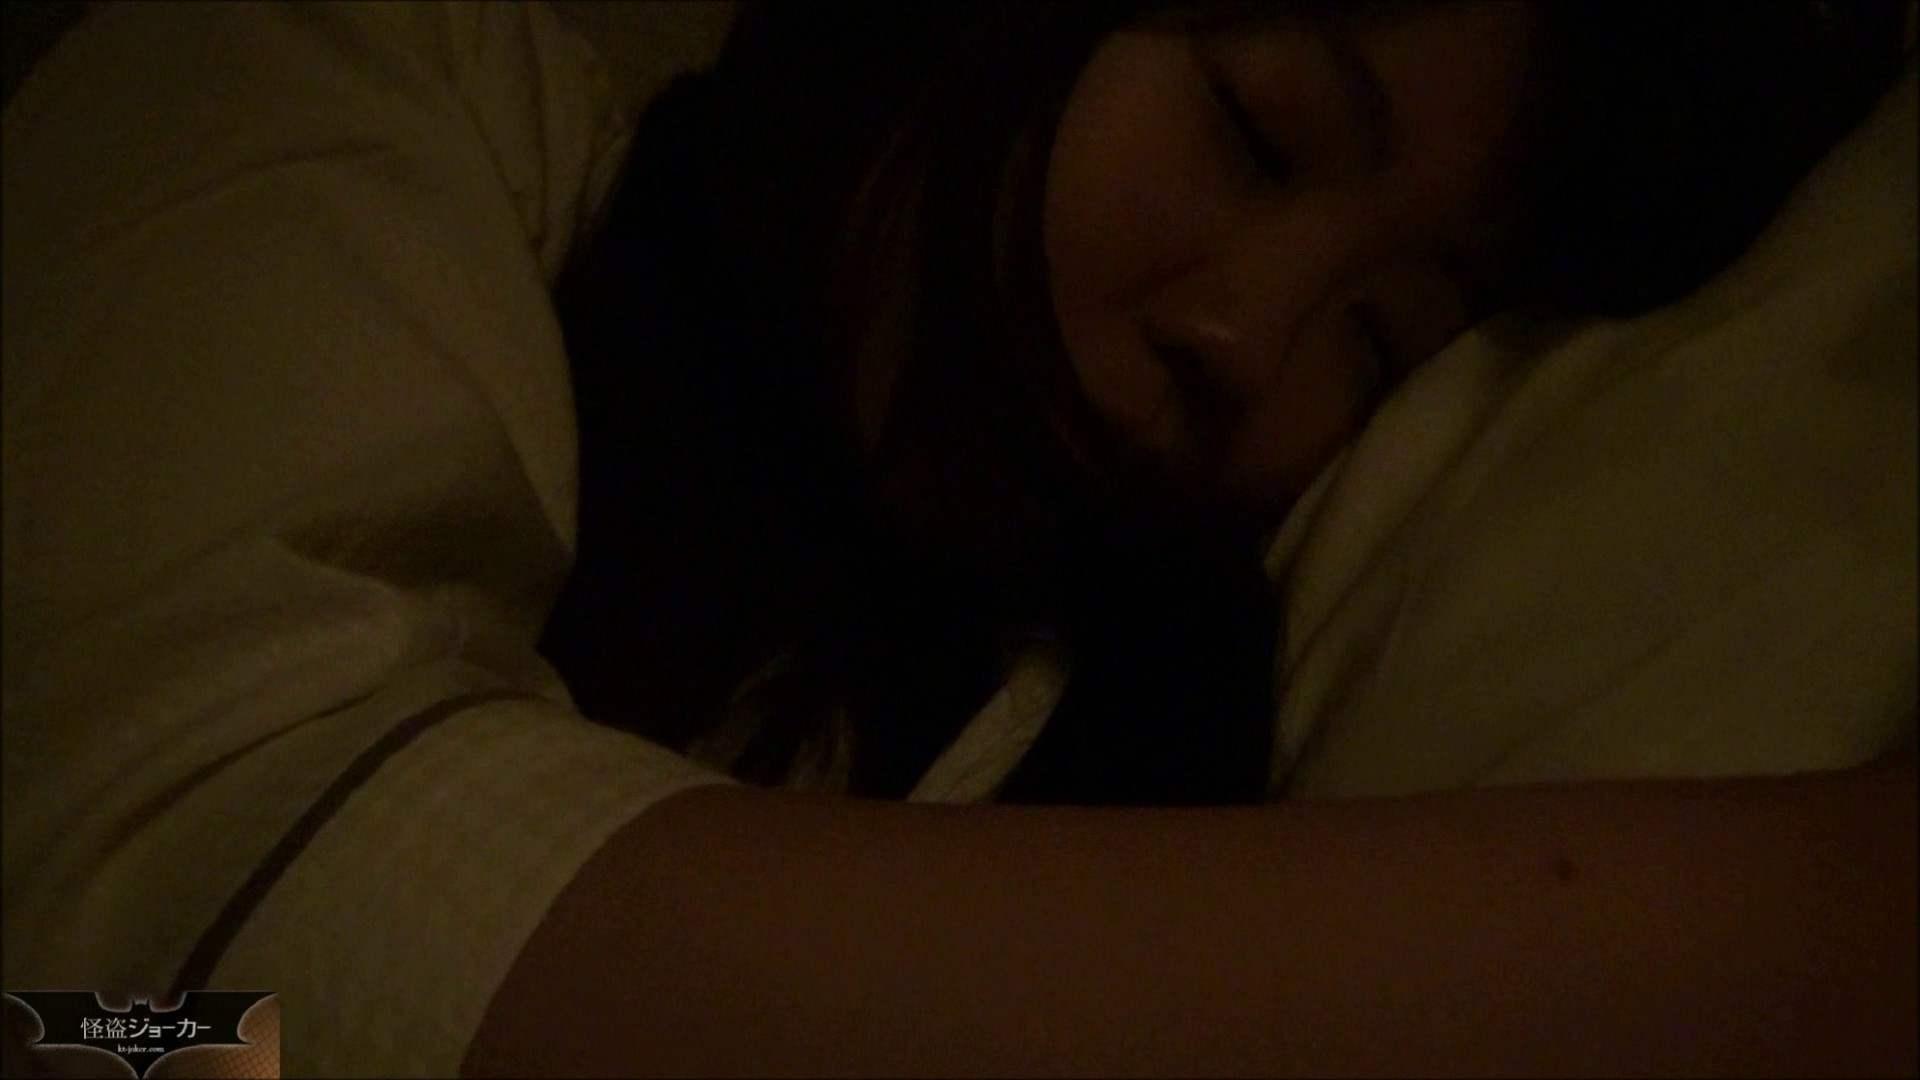 【未公開】vol.78 {関東某有名お嬢様JD}yuunaちゃん② 丸見えマンコ   フェラ  111画像 43